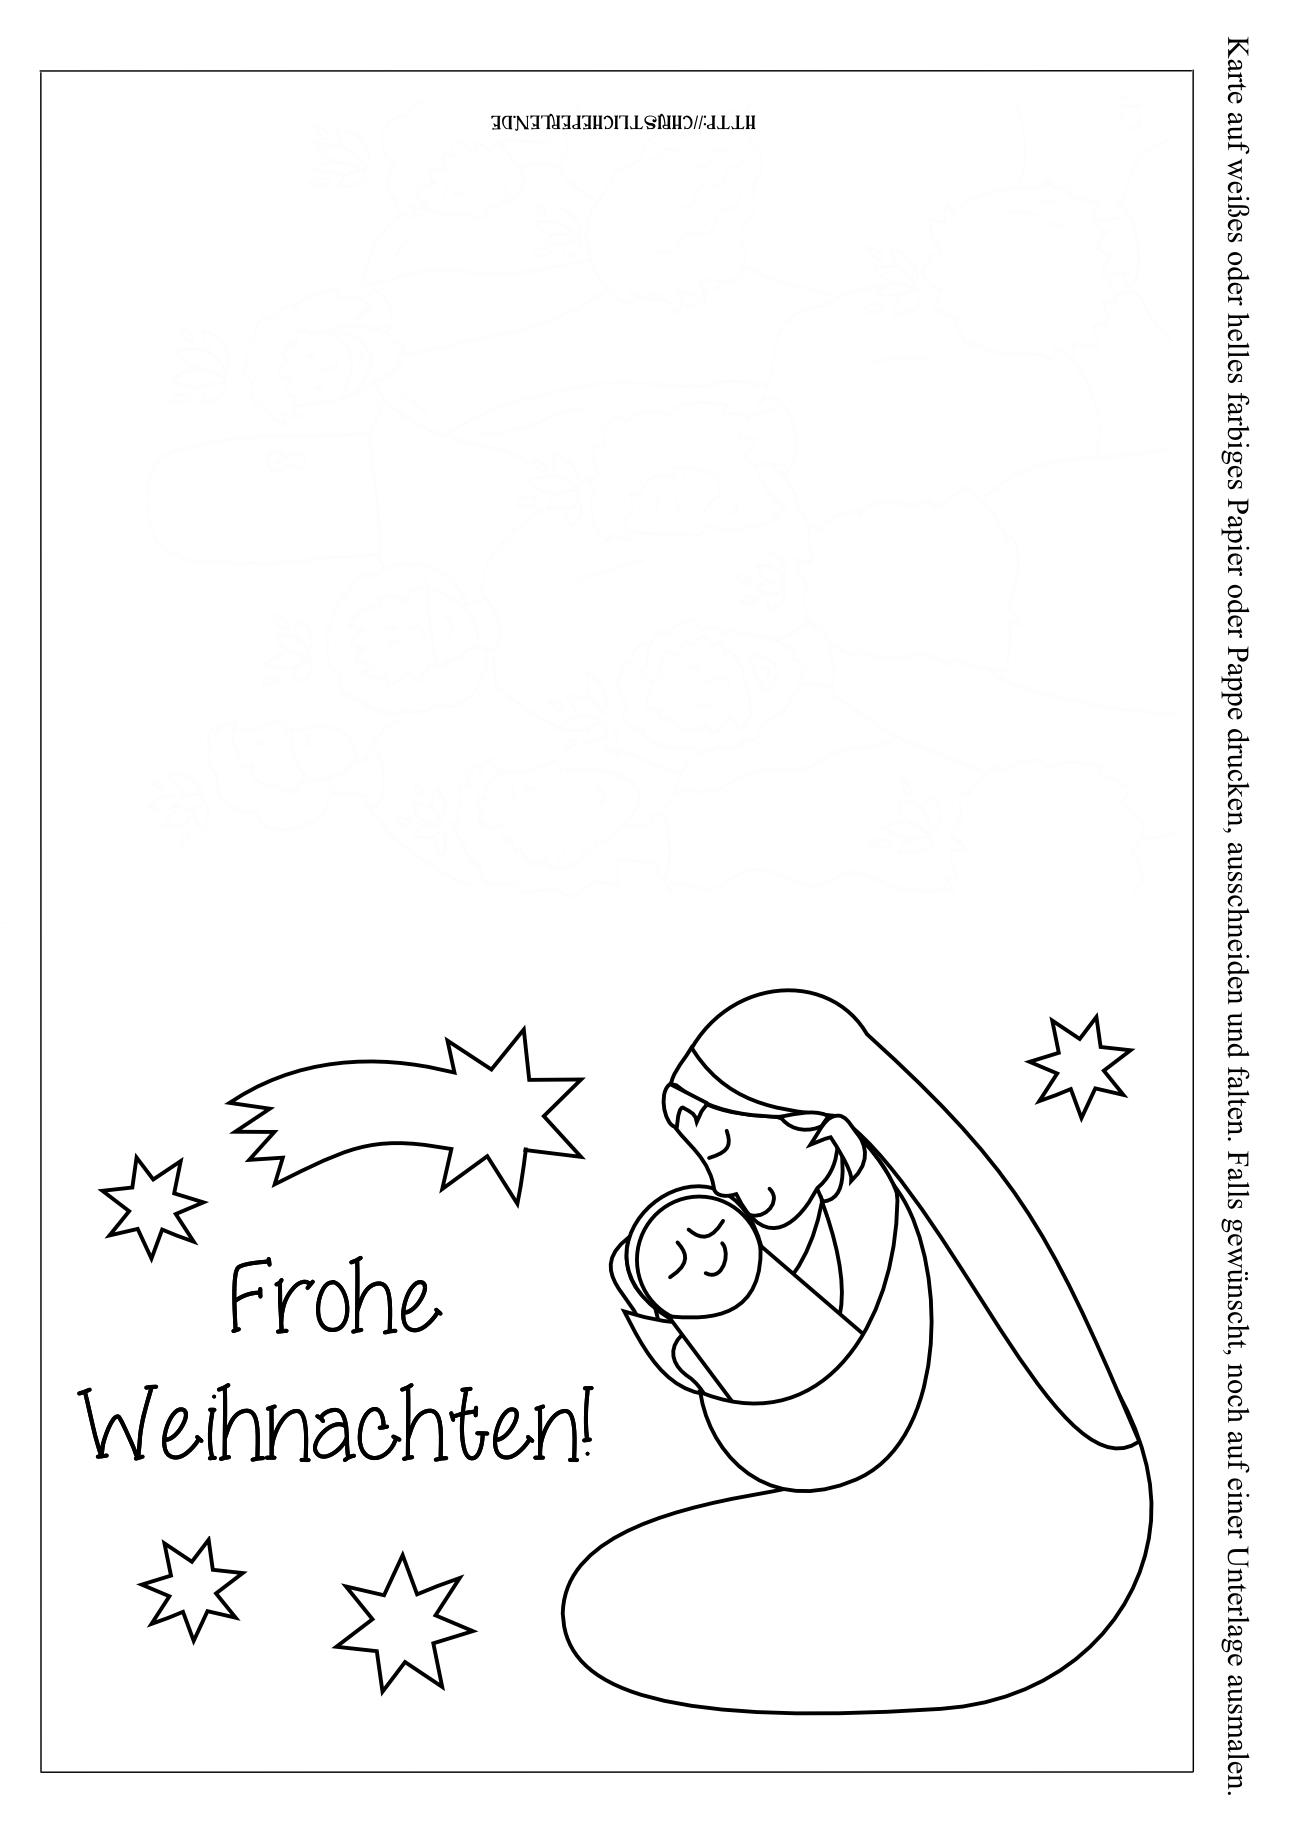 Weihnachtskarten Zum Ausdrucken | Christliche Perlen bei Weihnachtskarte Drucken